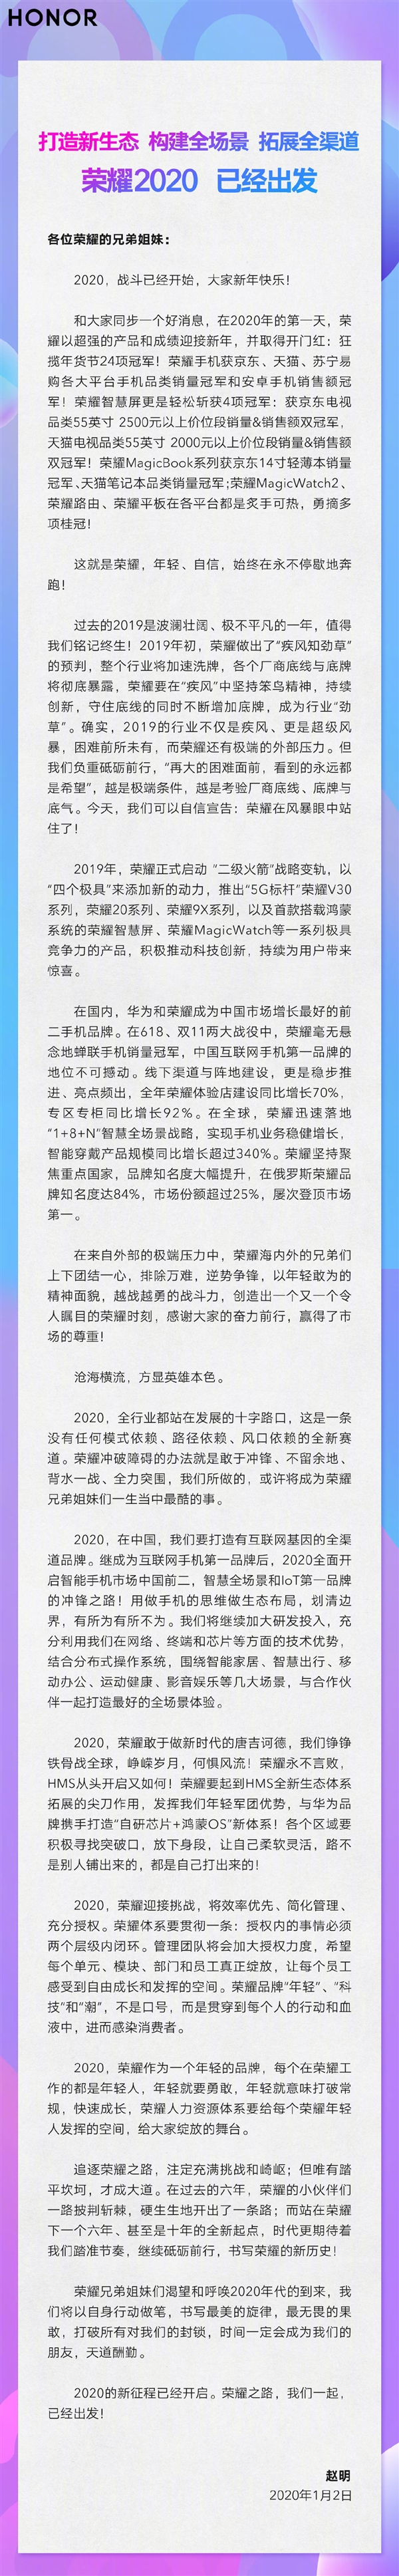 """荣耀总裁赵明内部公开信:冲击国内第二 与华为携手打造""""自研芯片+鸿蒙OS""""生态"""